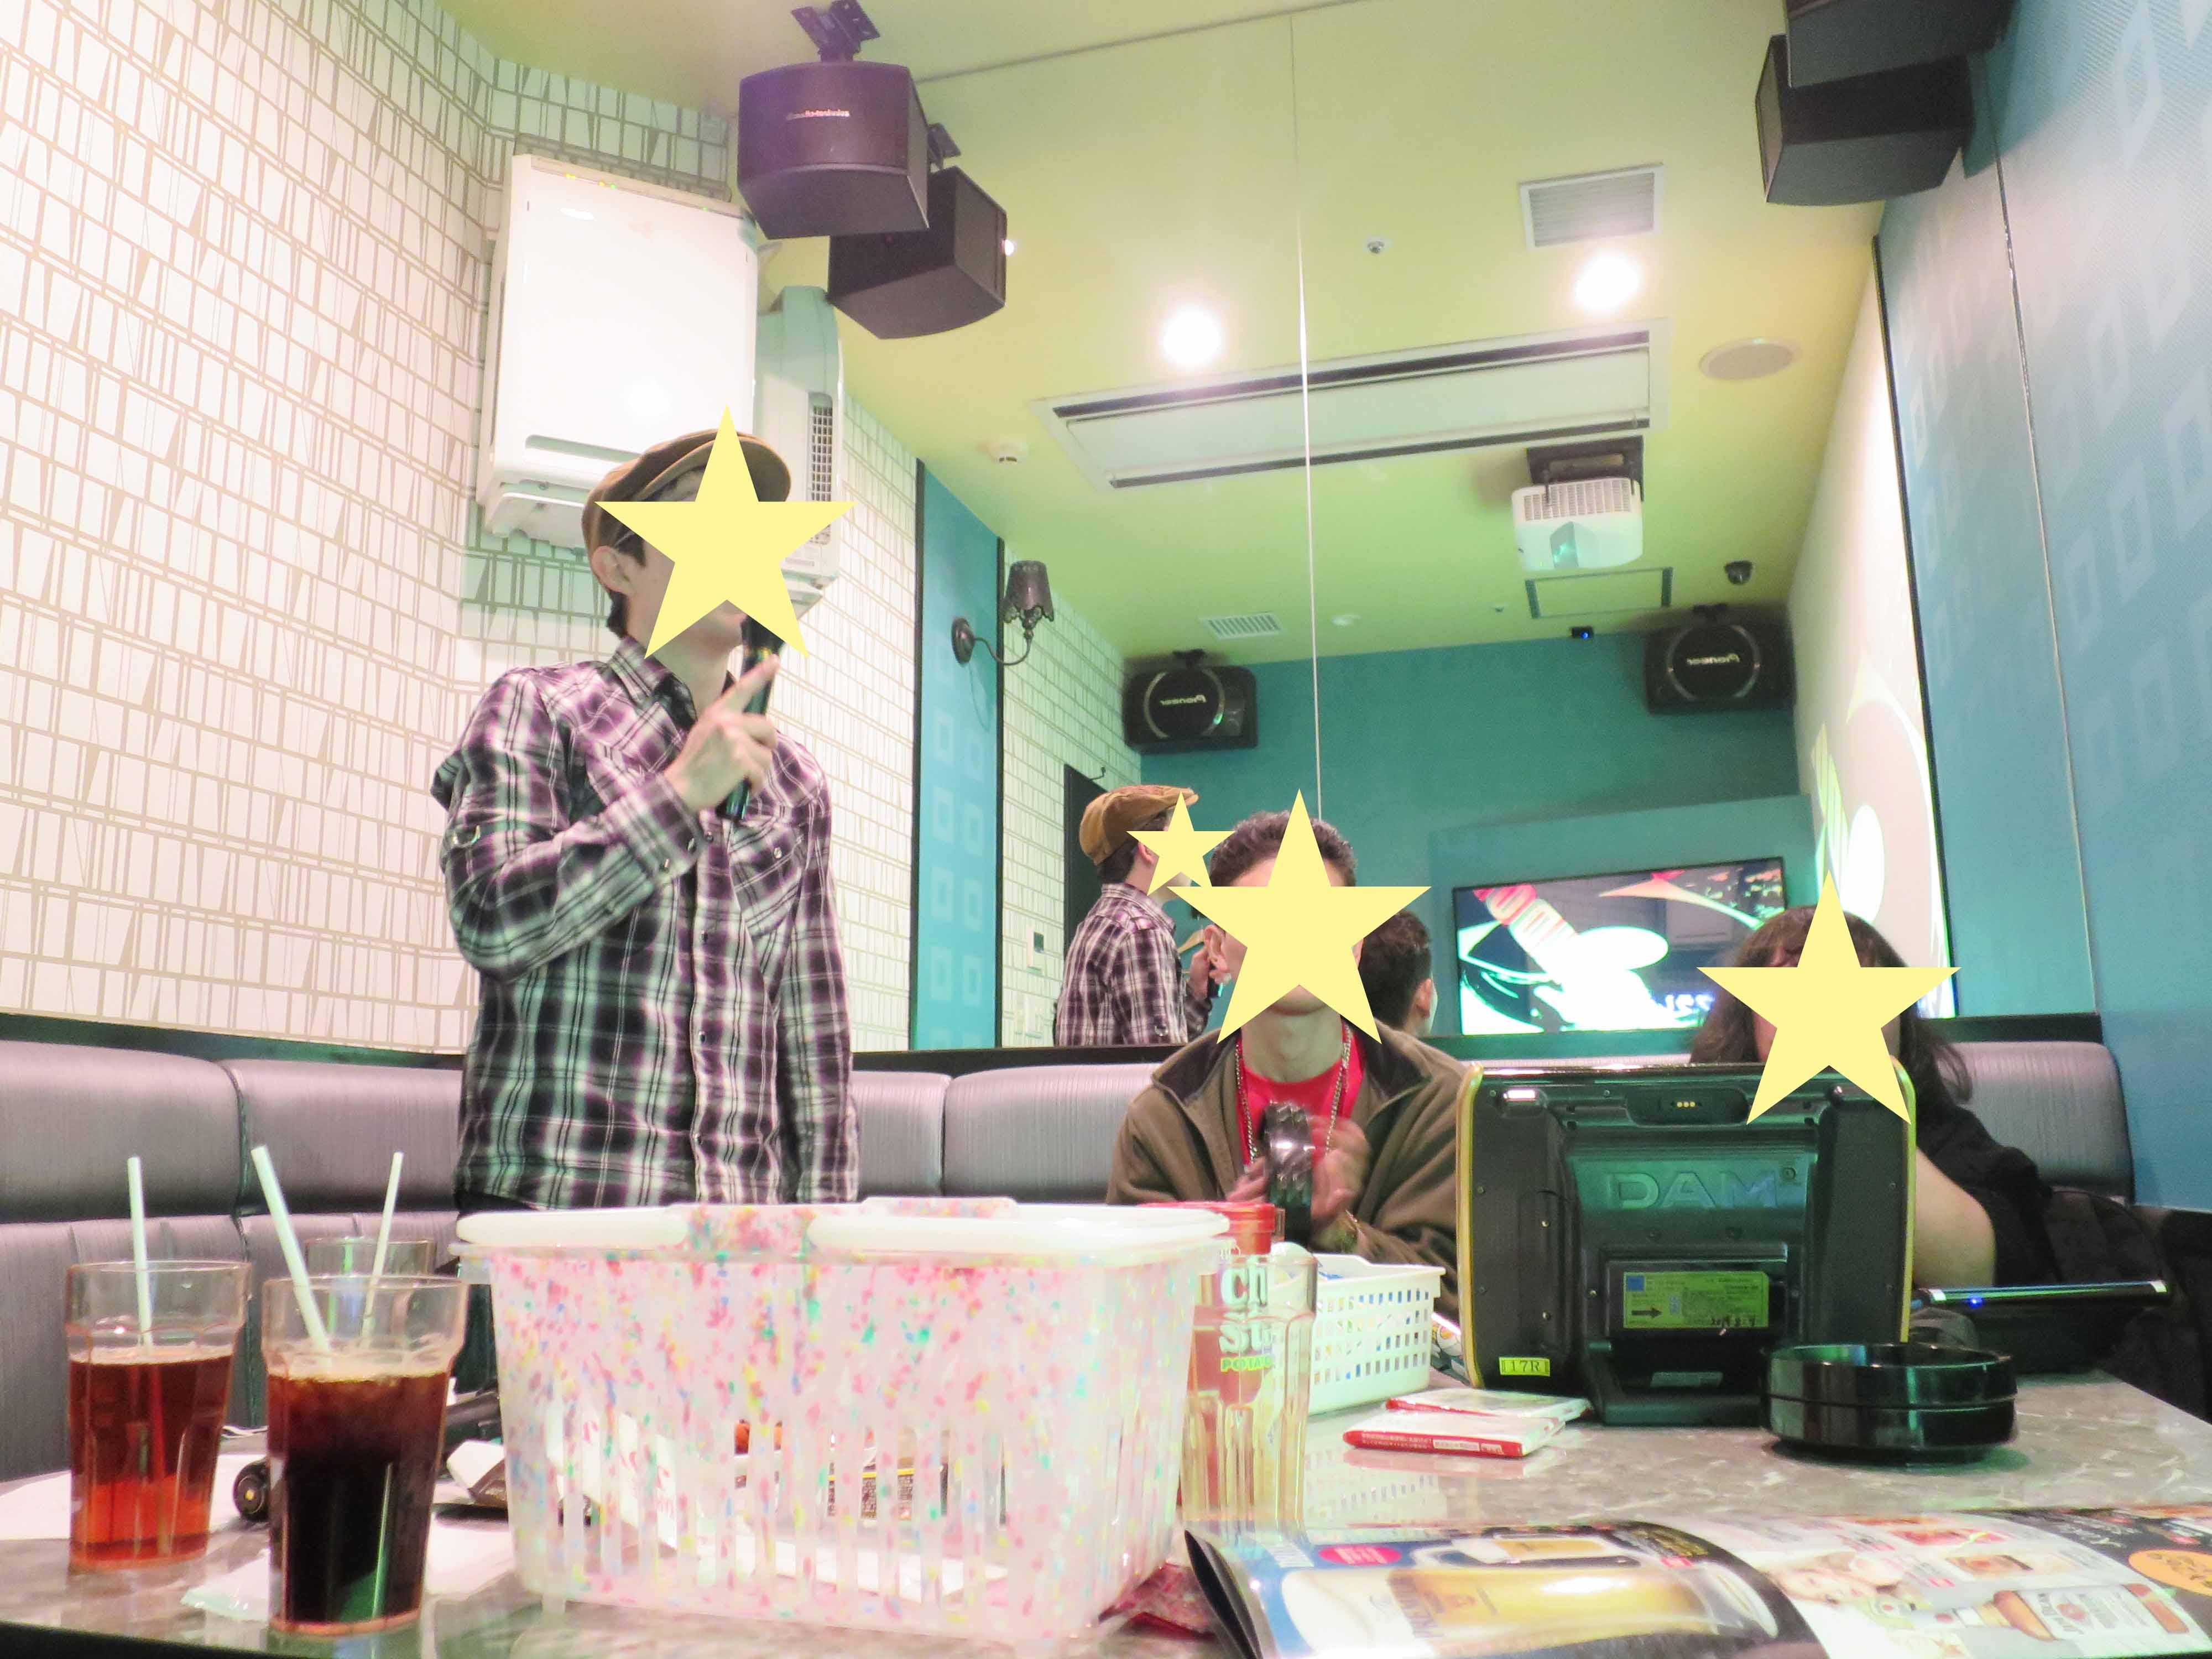 歌唱中、他の人も画面に釘付け